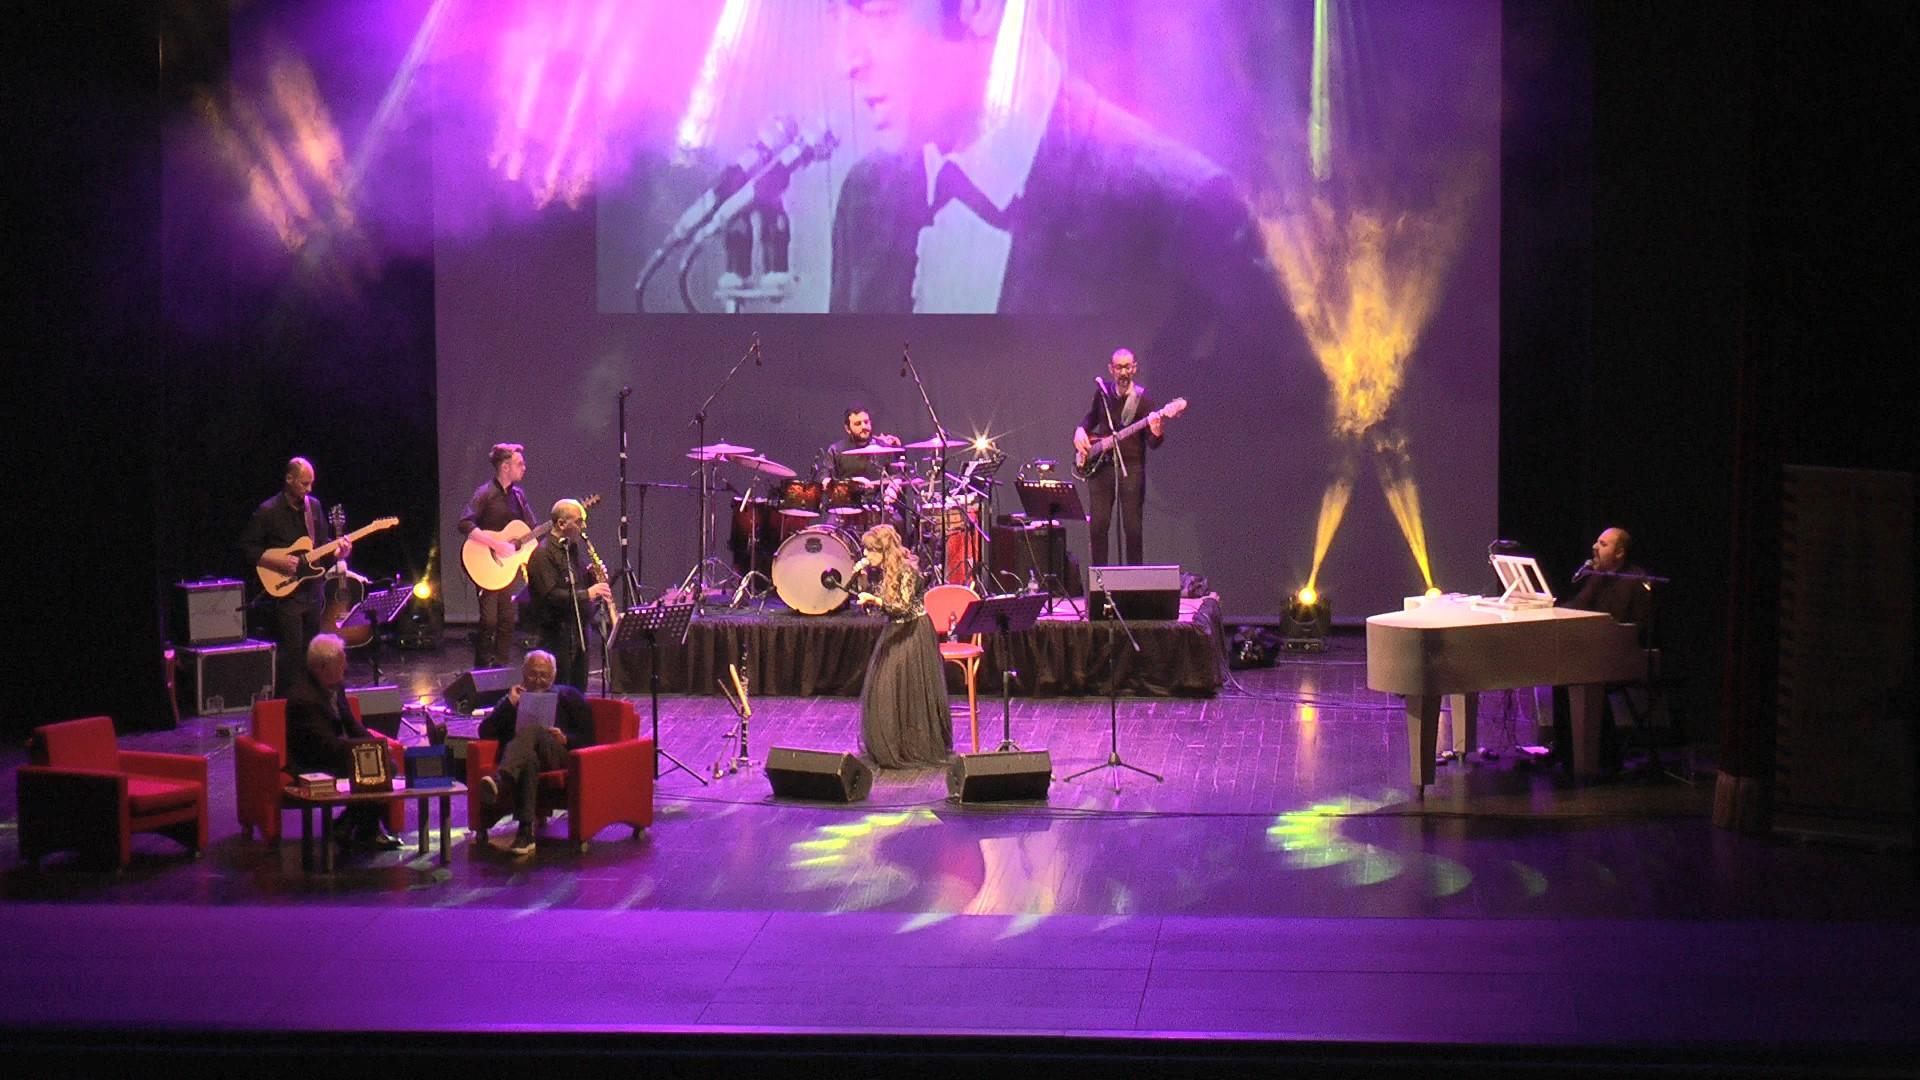 Teatro Mandanici, serata speciale con Mogol: viaggio tra parole, musica e ricordi